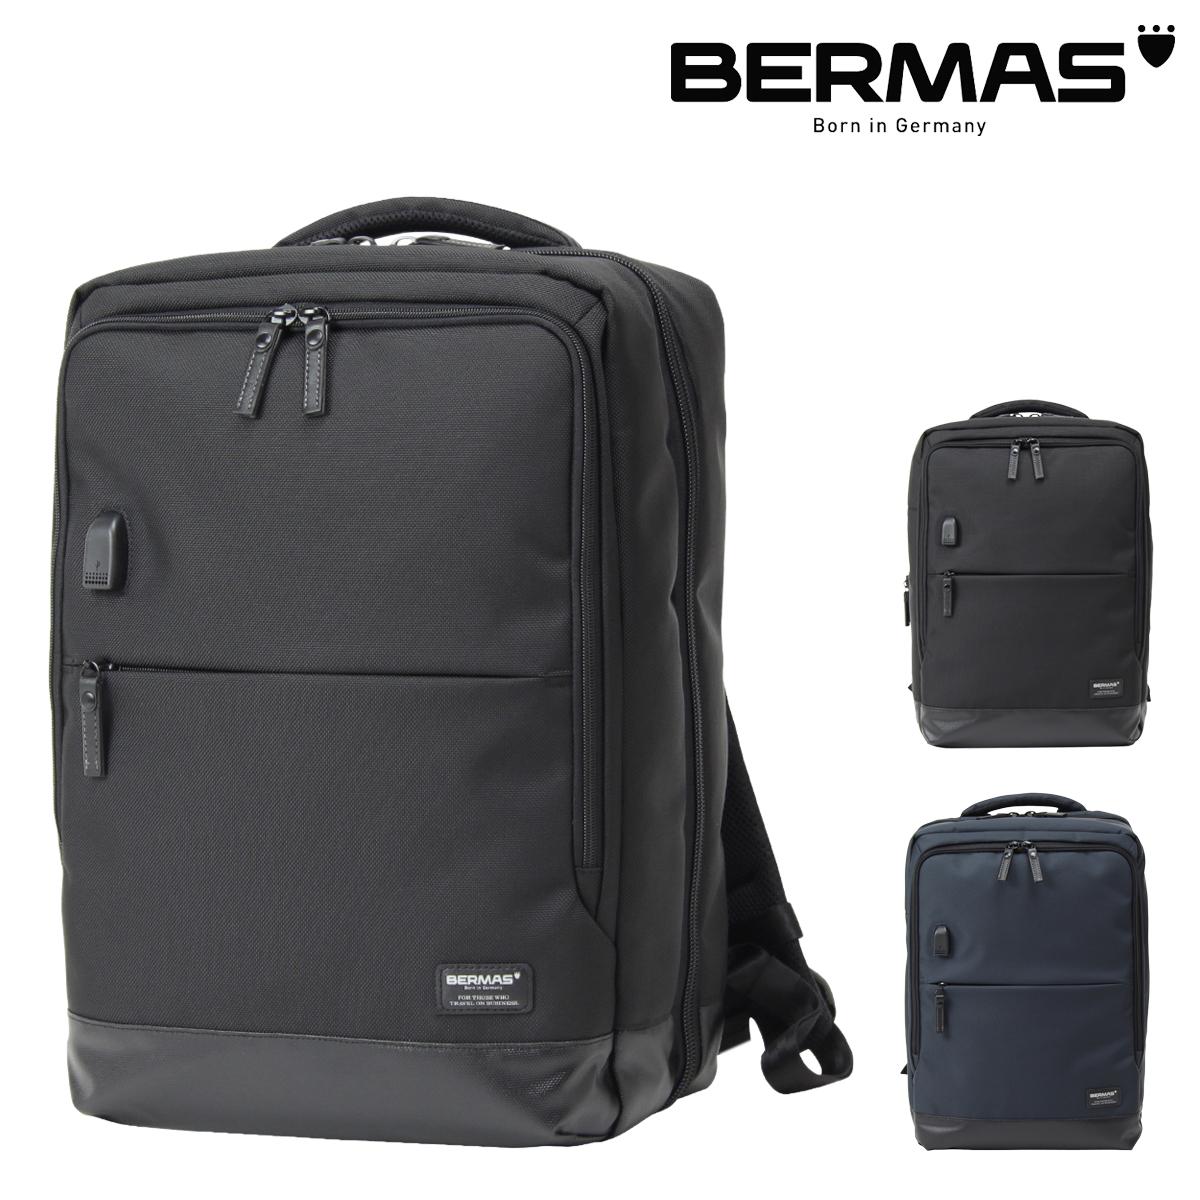 バーマス キャリングパック リュック B4 バウアーIII メンズ 60077 BERMAS | USBポート [PO10][bef]